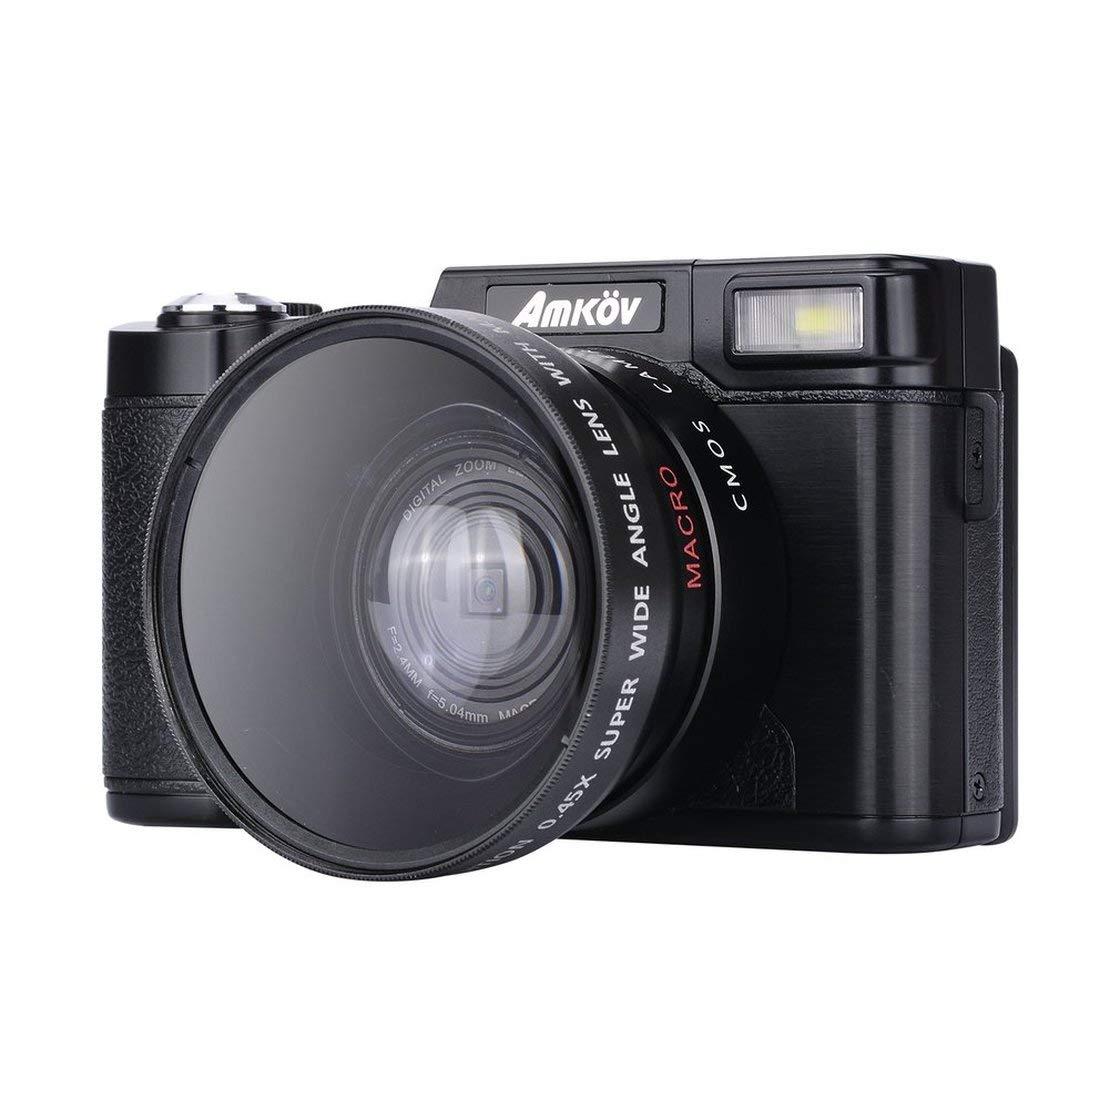 CDR2 24メガピクセル 1080P HD ミニデジタルカメラ 4倍 デジタルズームカメラ 3.0インチTFTディスプレイ&美容セルフタイマー機能付き ZRX   B07L5L74H5